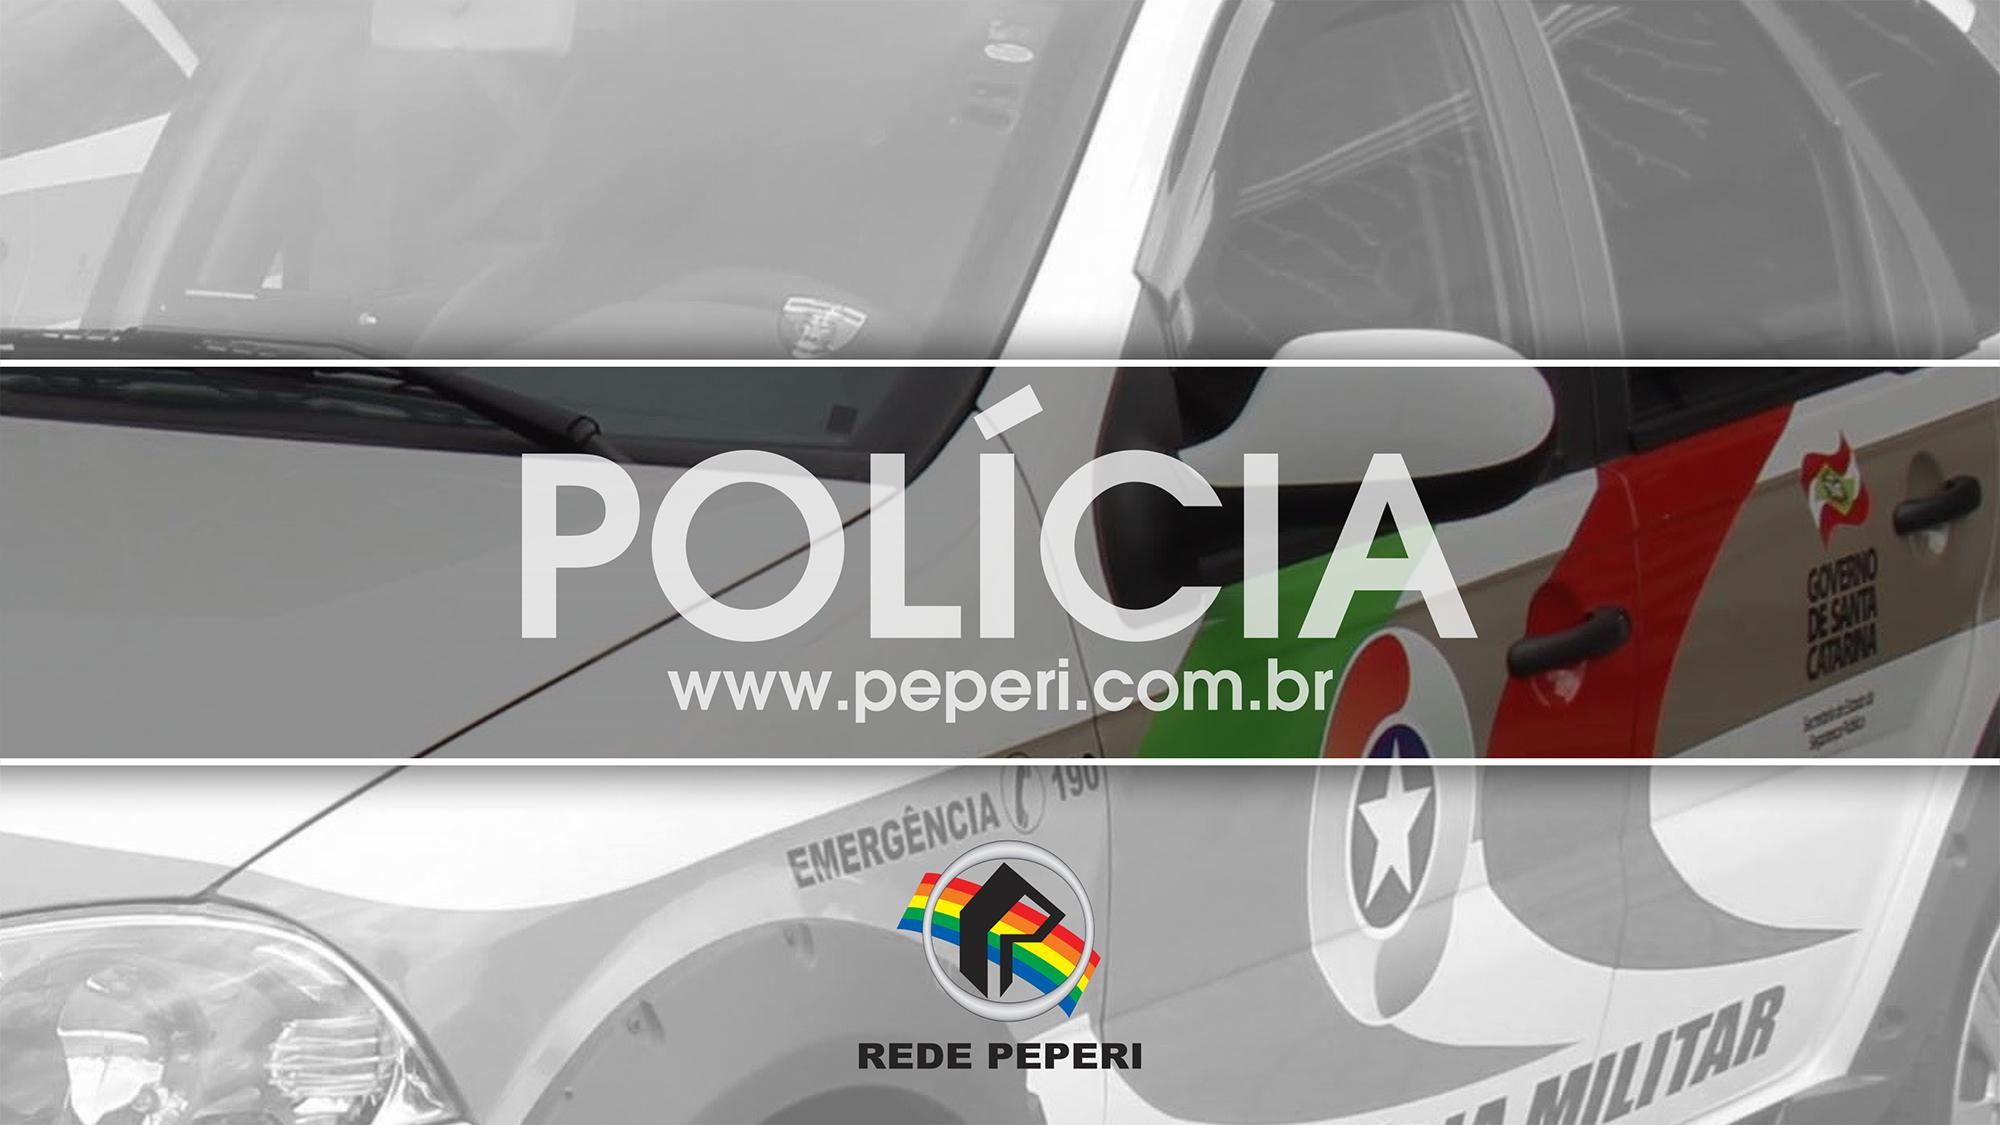 Motorista esquece carro em lavacar e aciona polícia por furto